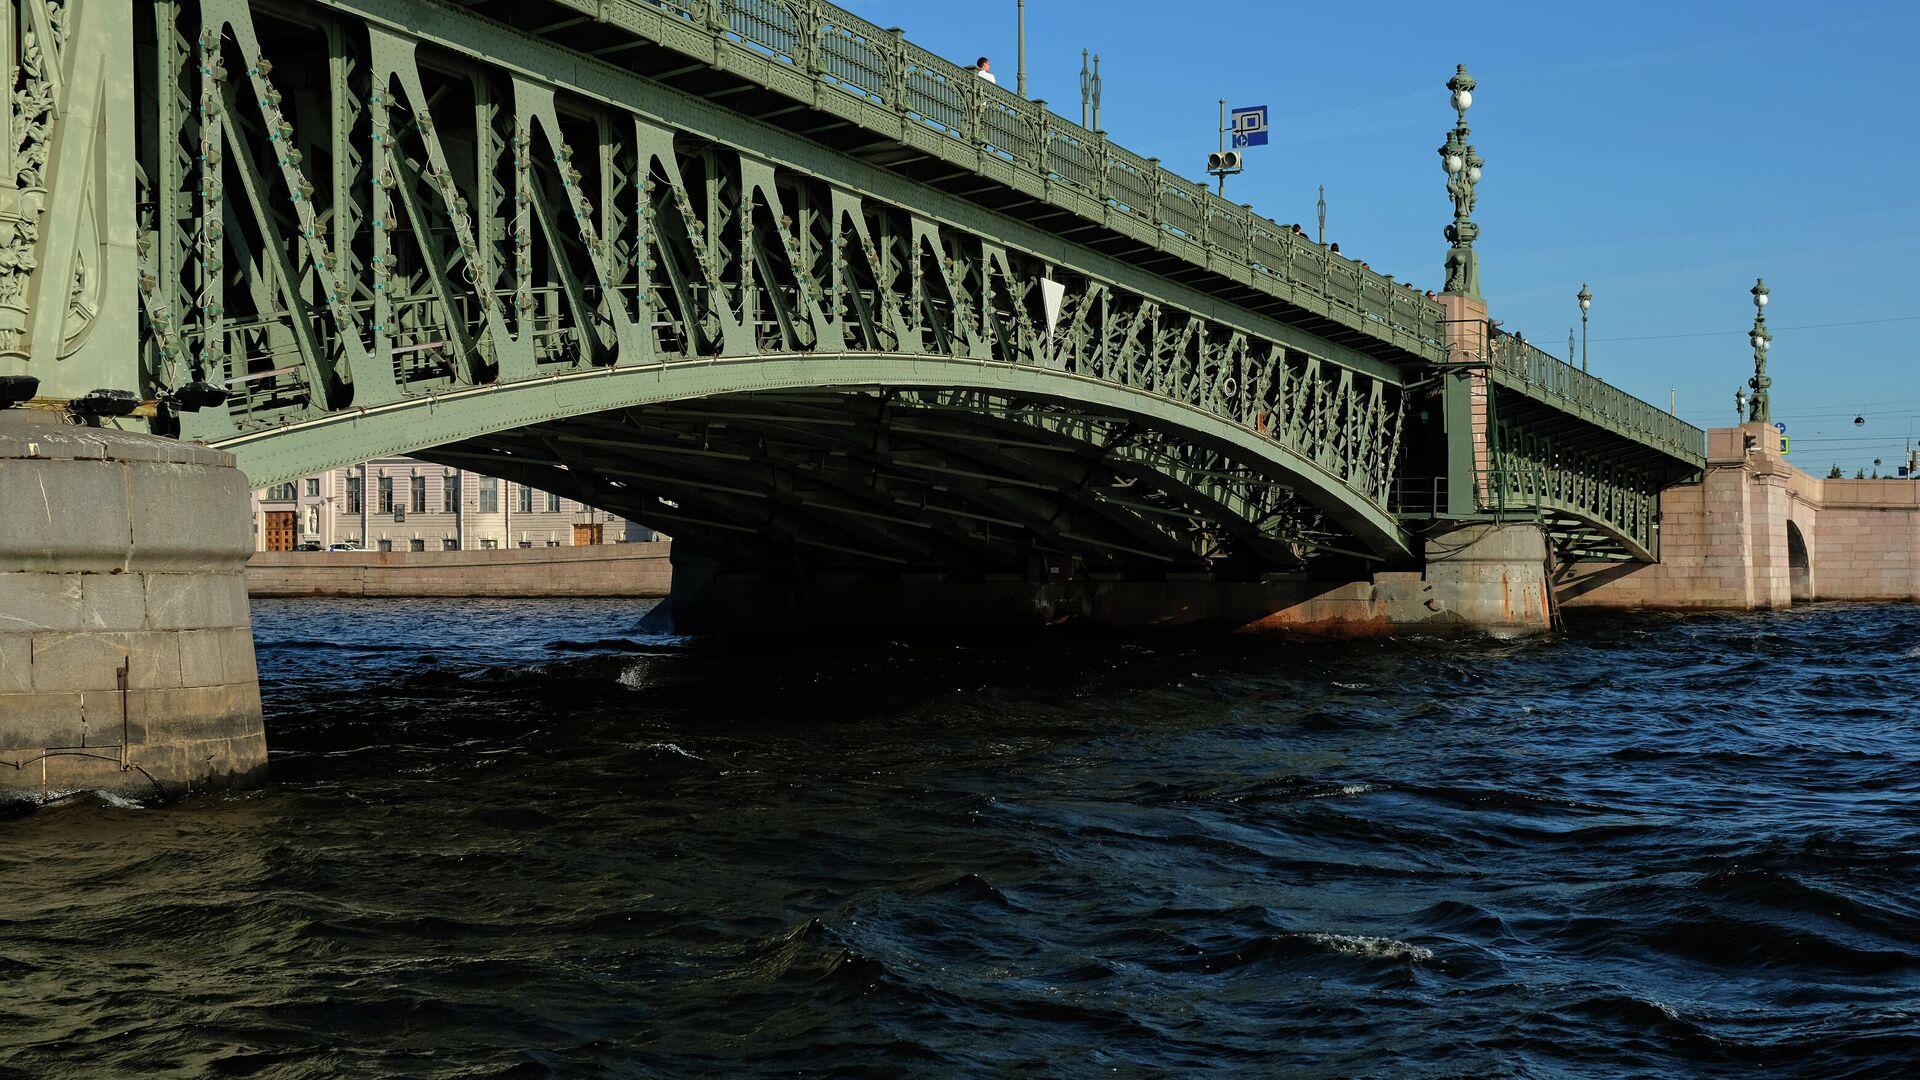 Троицкий мост через Неглинную в Санкт-Петербурге - РИА Новости, 1920, 10.09.2020